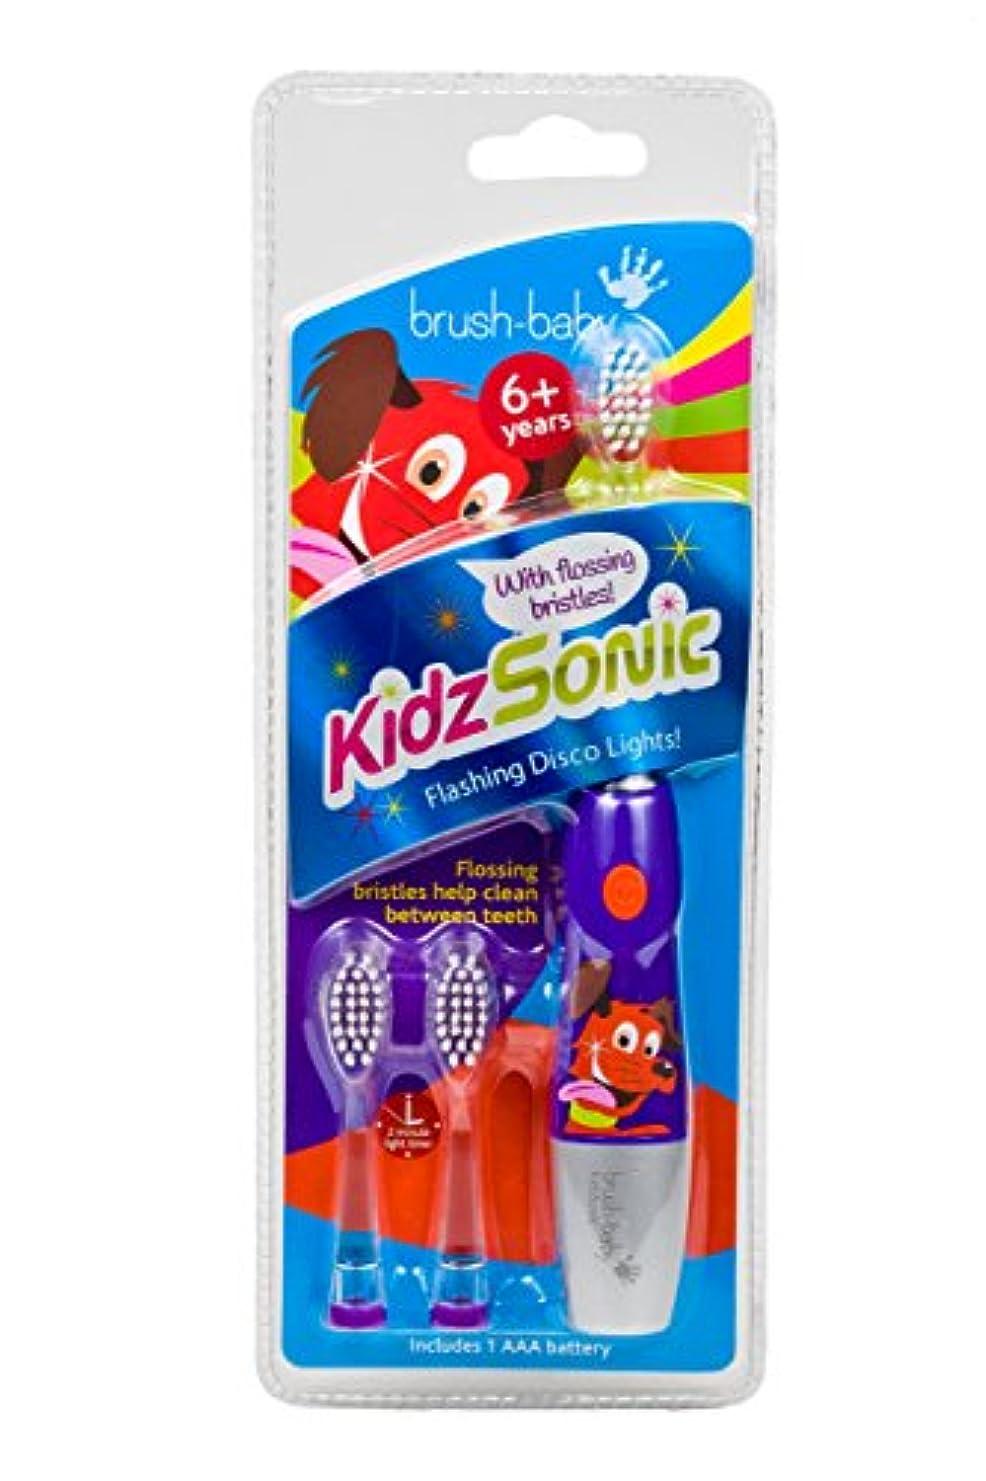 悪性腫瘍公演周囲Brush-Baby KidzSonic Electric Toothbrush 6+ years with flashing disco lights PURPLE - ブラシ - ベイビーKidzSonic電動歯ブラシ...